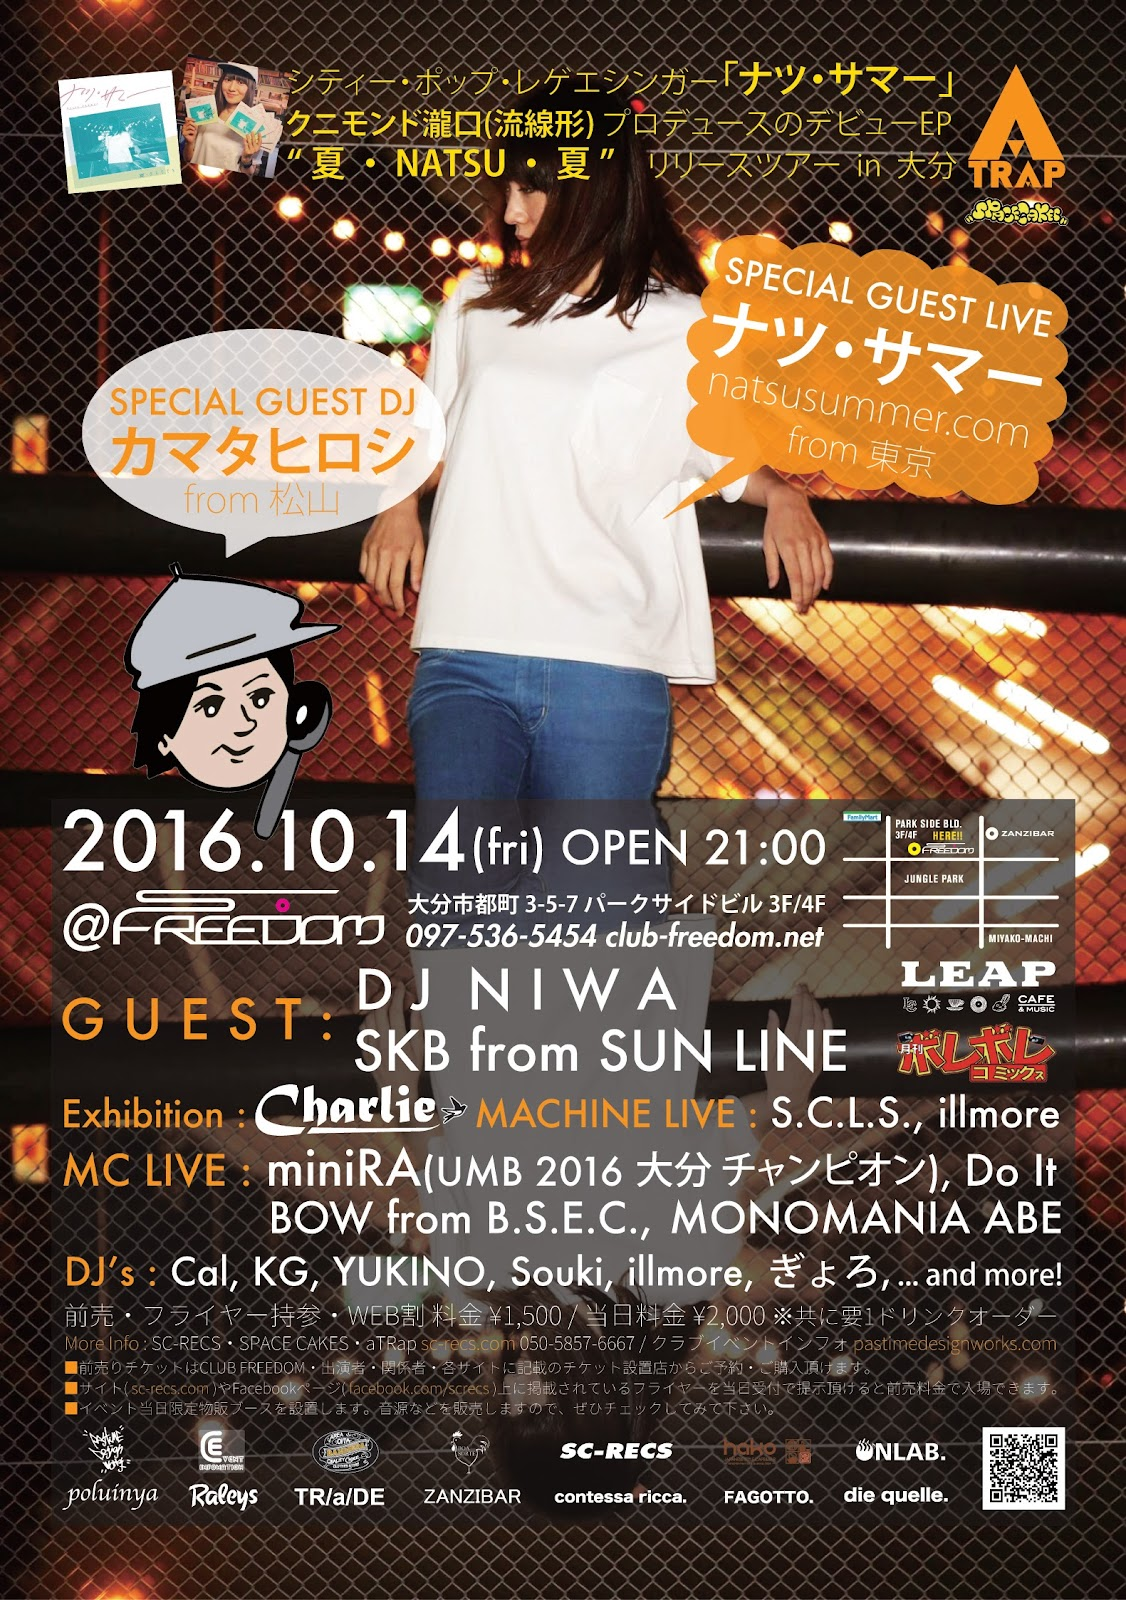 Next 10/14